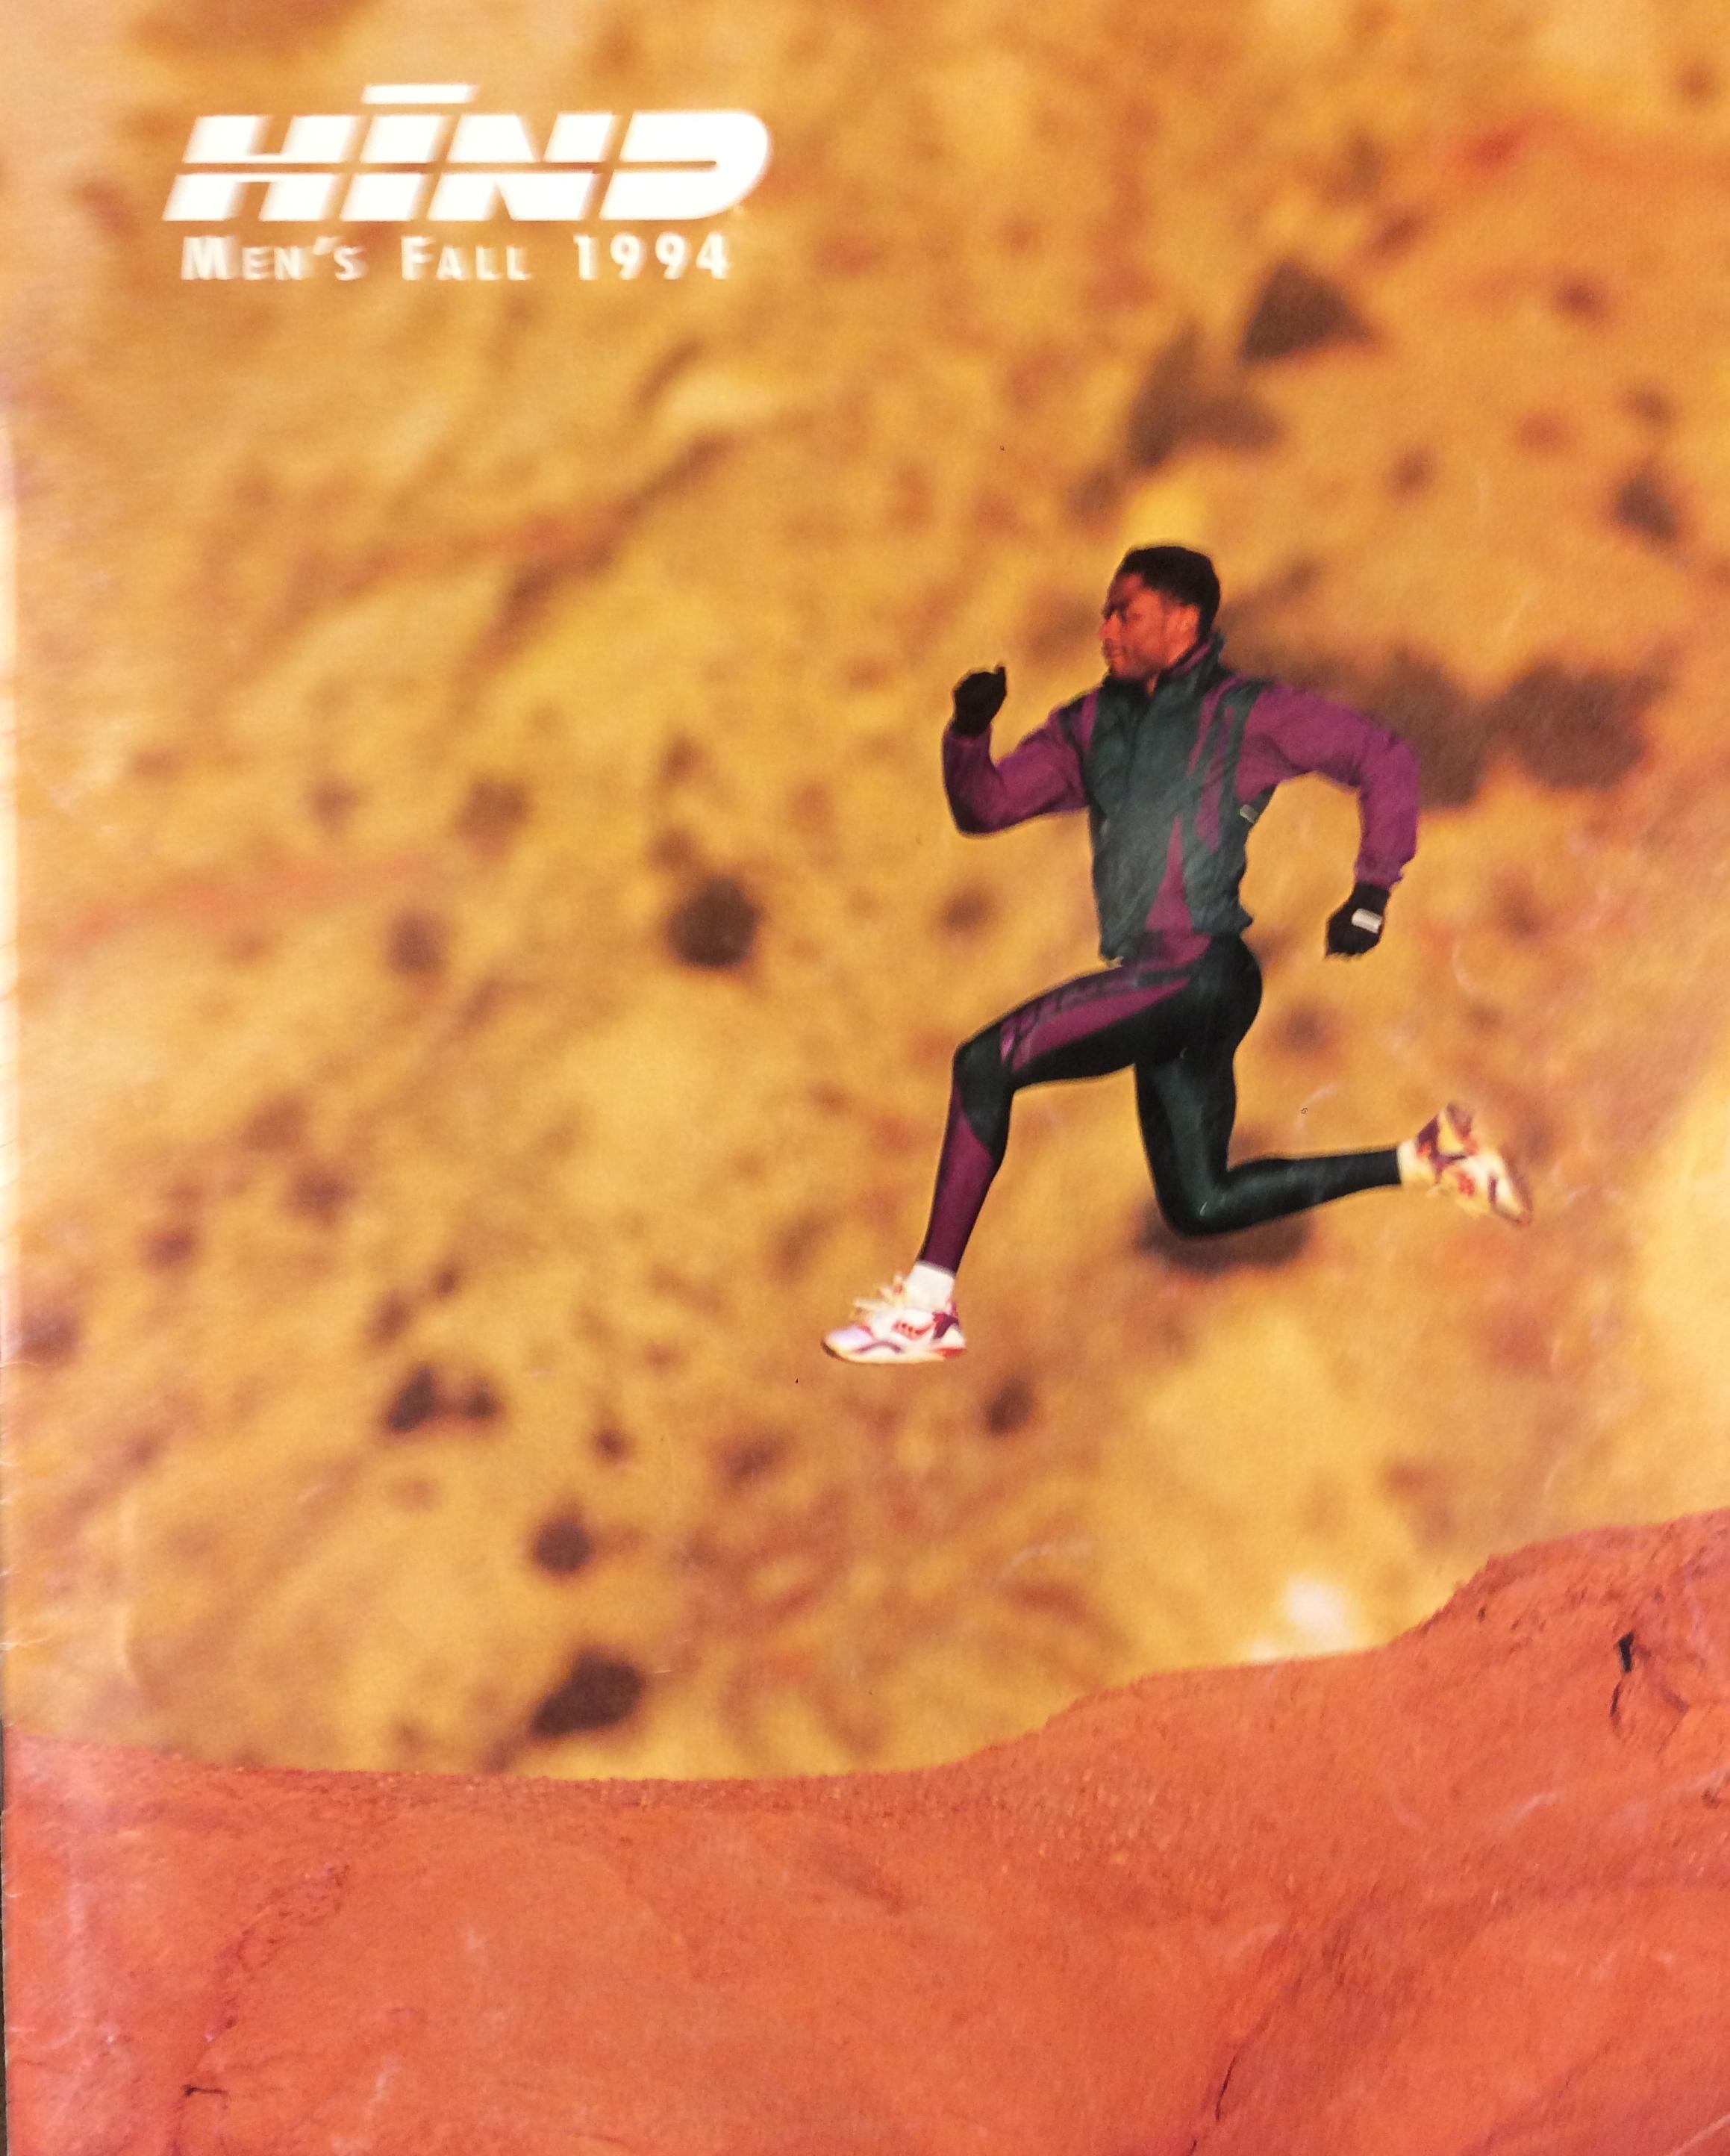 Mens-Fall-1994